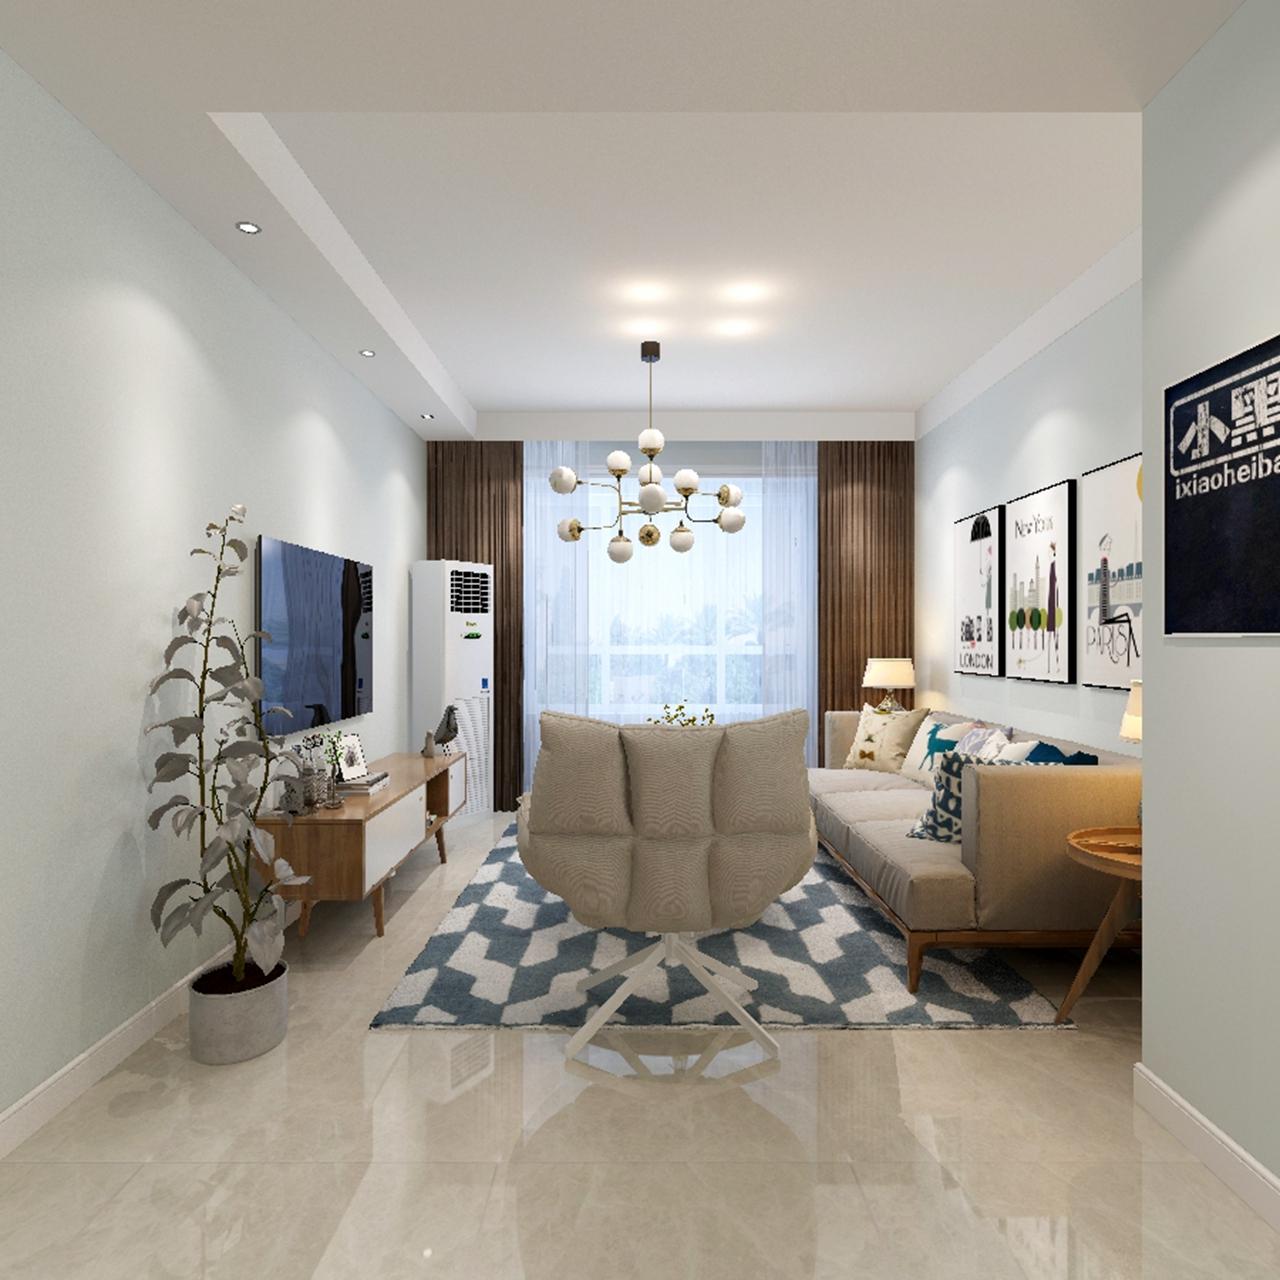 房屋装修选材指南有哪些重点采买对象?